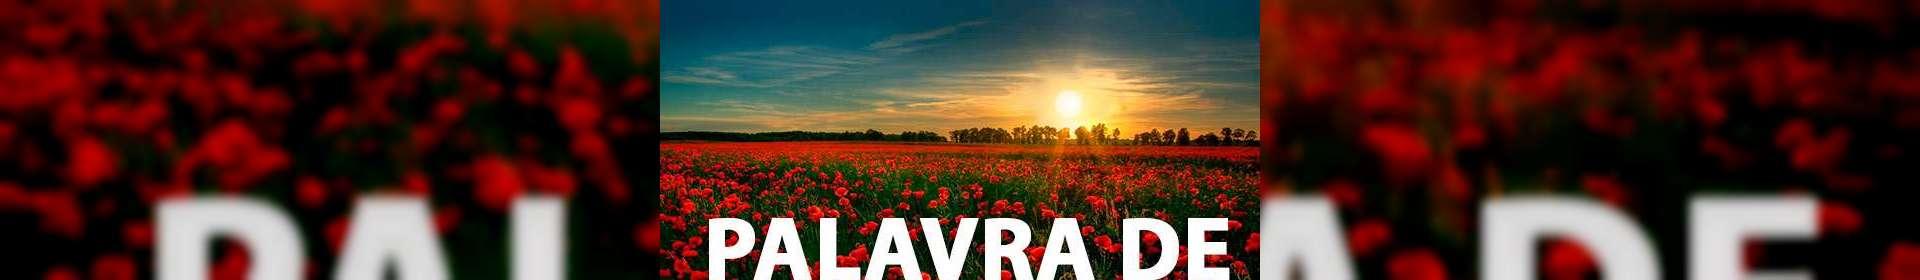 Isaías 55:1 - Uma Palavra de Esperança para sua vida